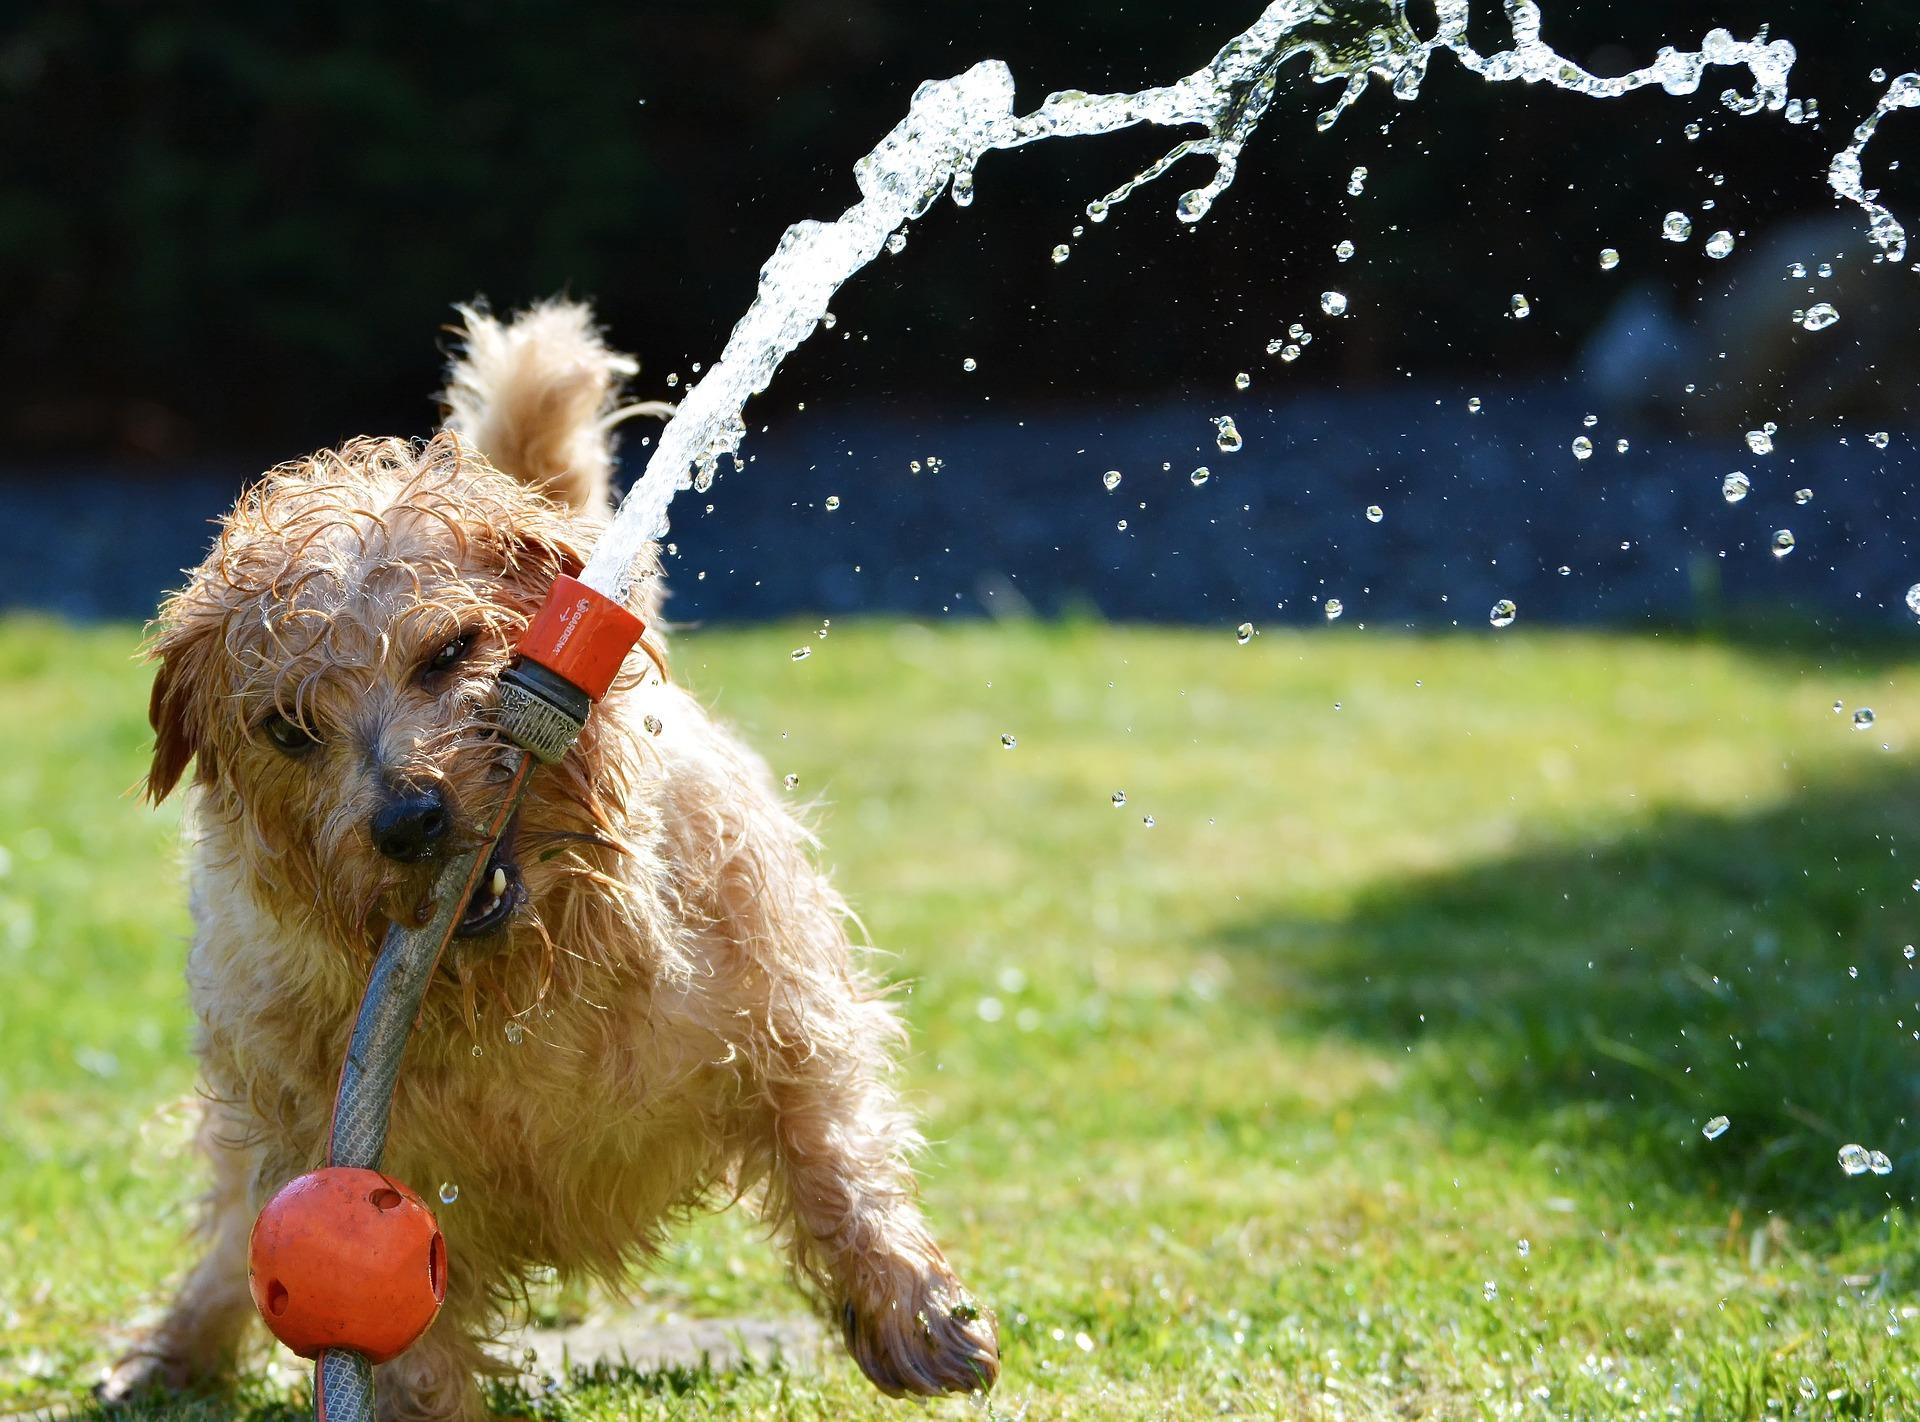 So kommt ihr Hund gut durch den Sommer – coole Tipps für heiße Tage